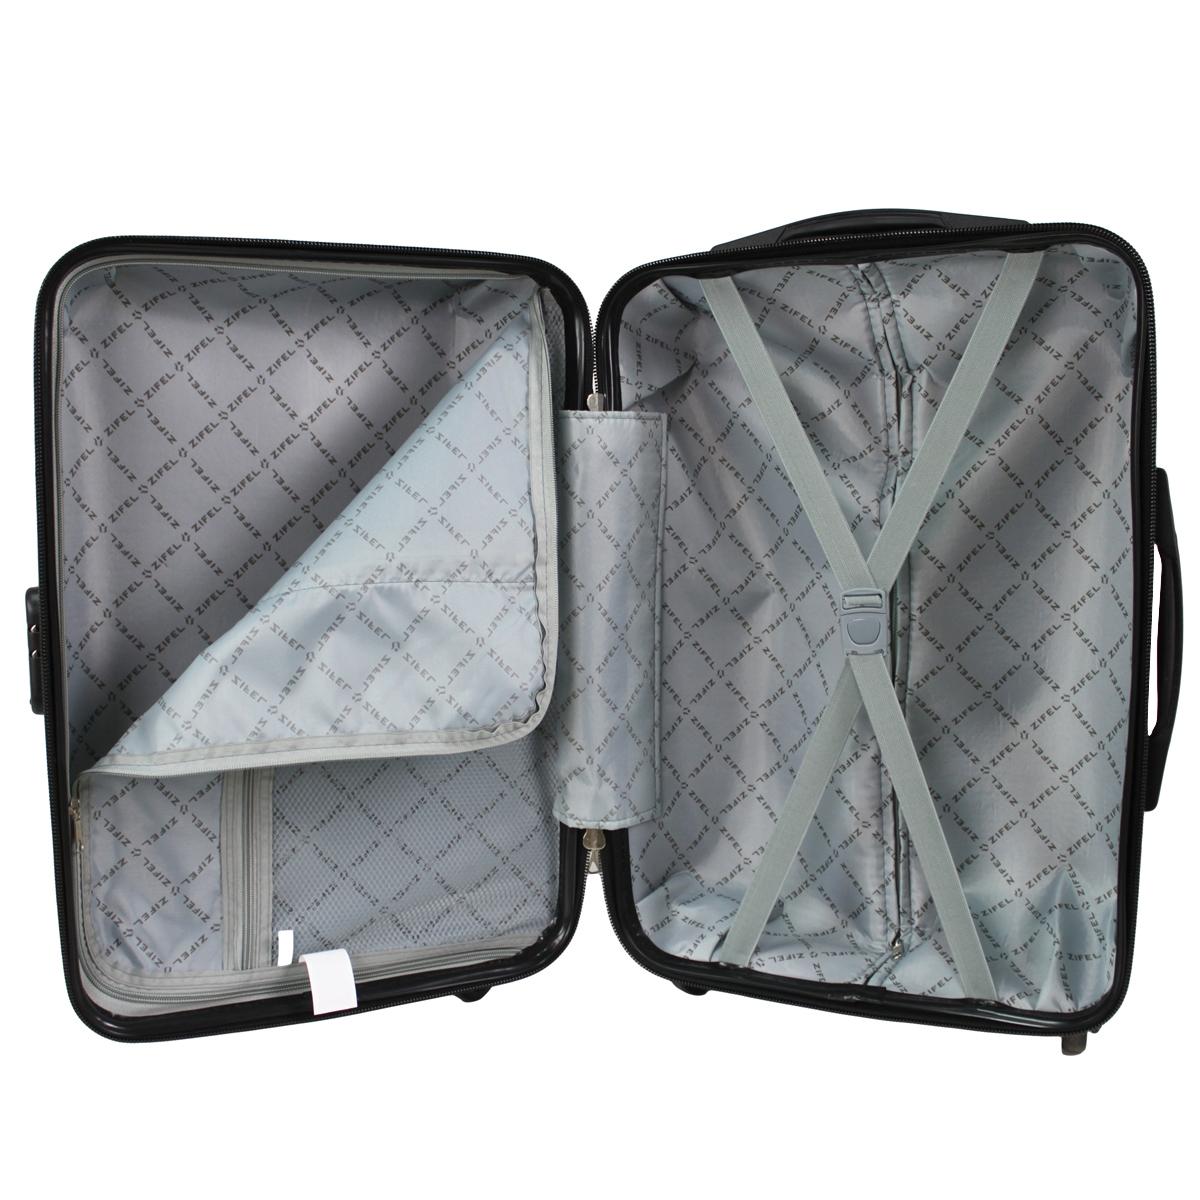 valise rigide pas cher bagage cabine. Black Bedroom Furniture Sets. Home Design Ideas